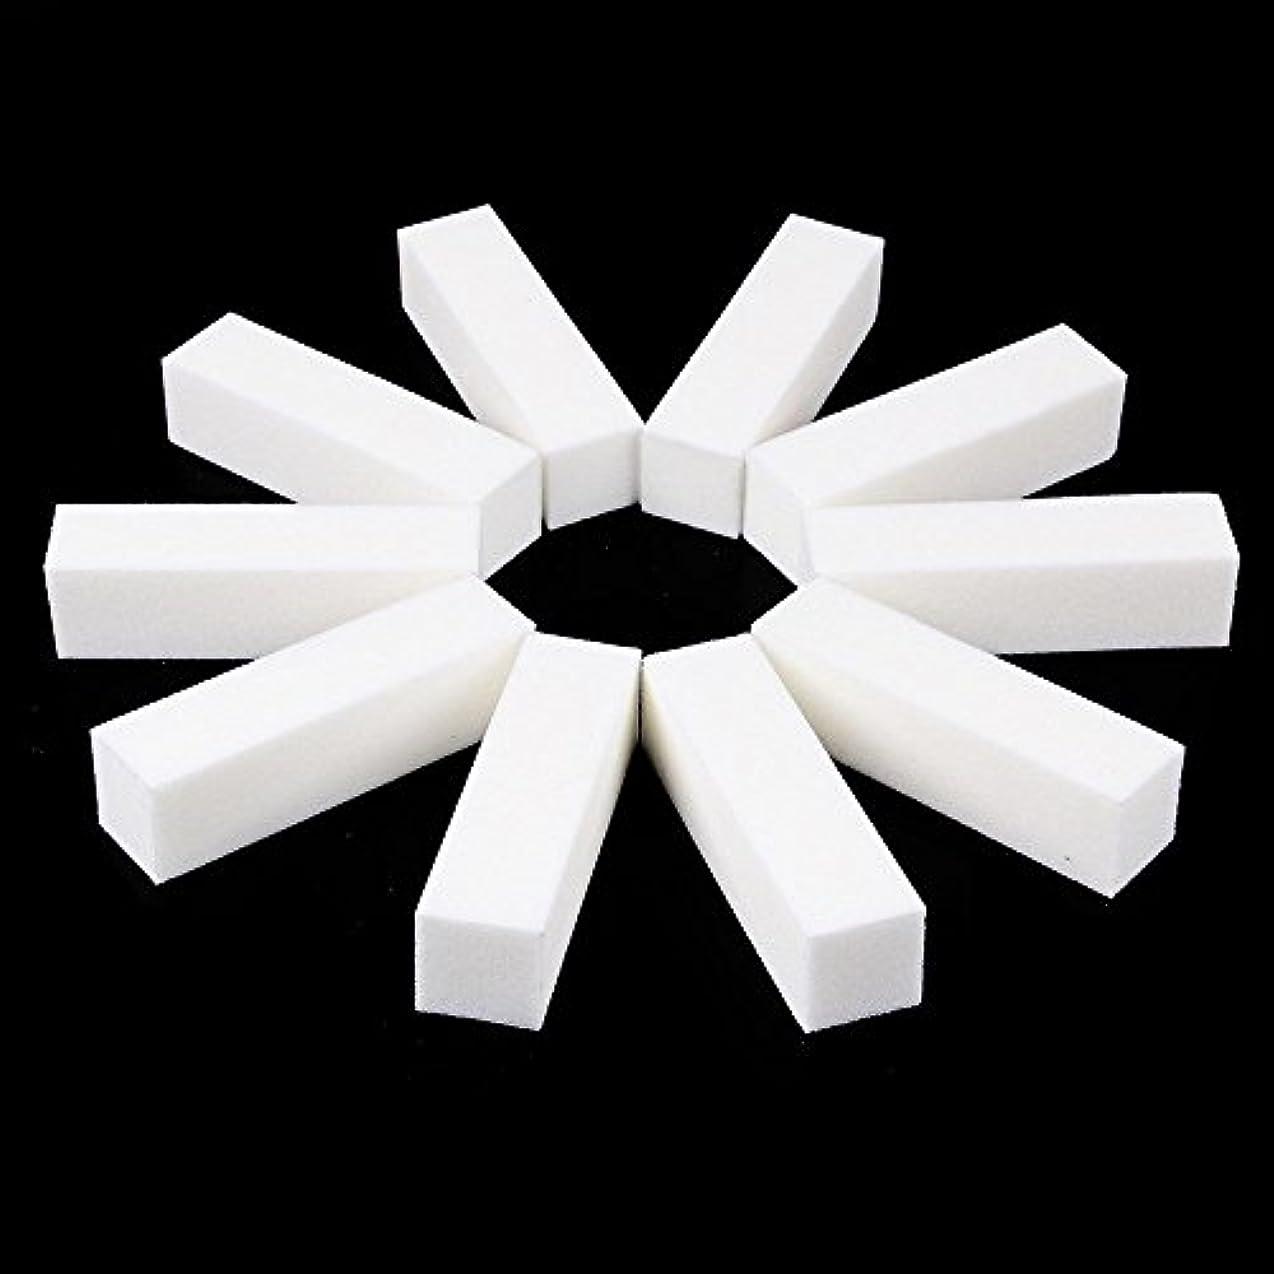 ナビゲーションエリート逃げるネイルファイル サンディングブロック マニキュアツール バッファ ホワイト 4ウェイ 12個セット